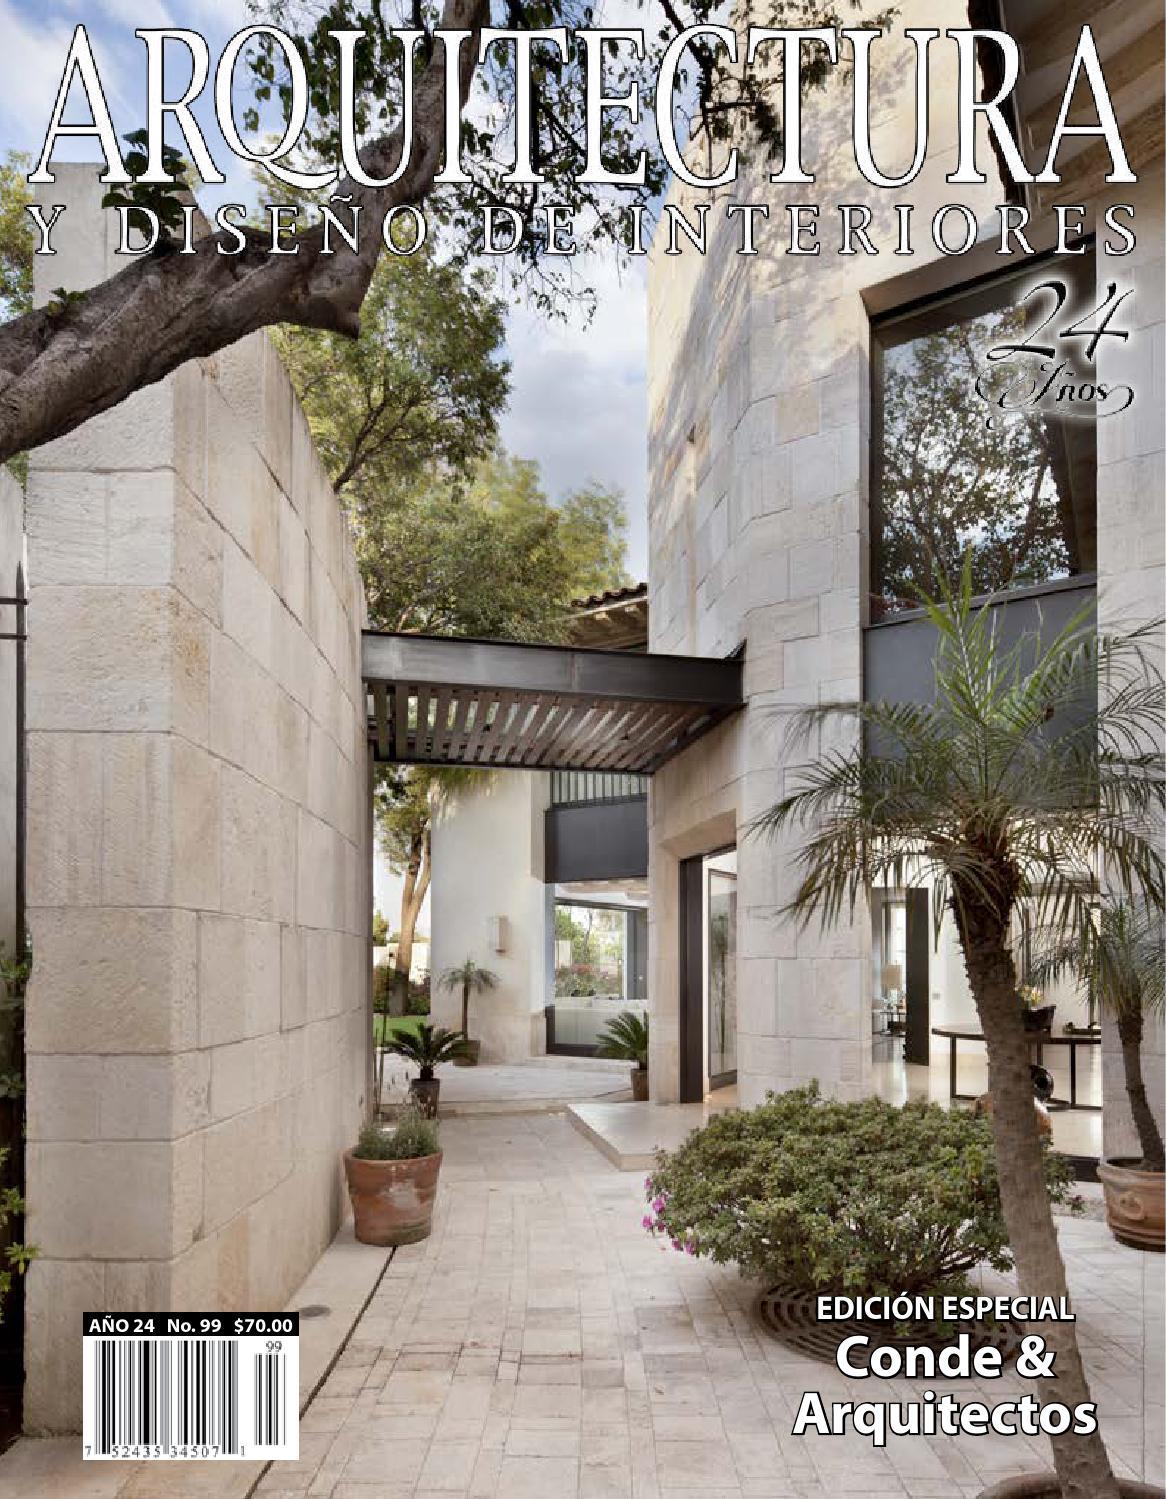 Arquitectura y dise o de interiores conde arquitectos by - Listado arquitectos valencia ...